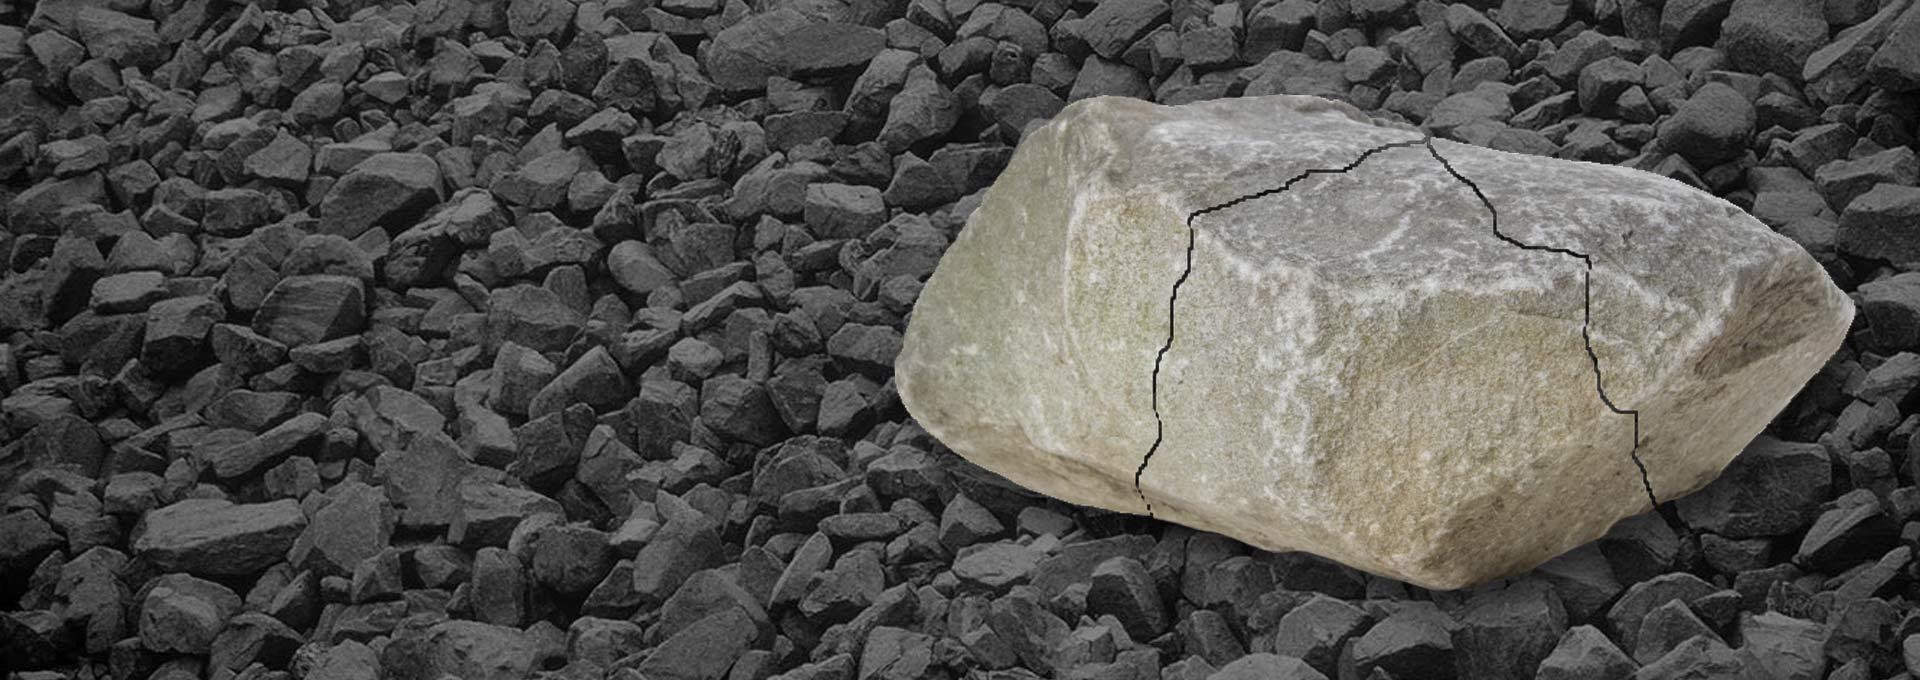 Rock breaking technologies